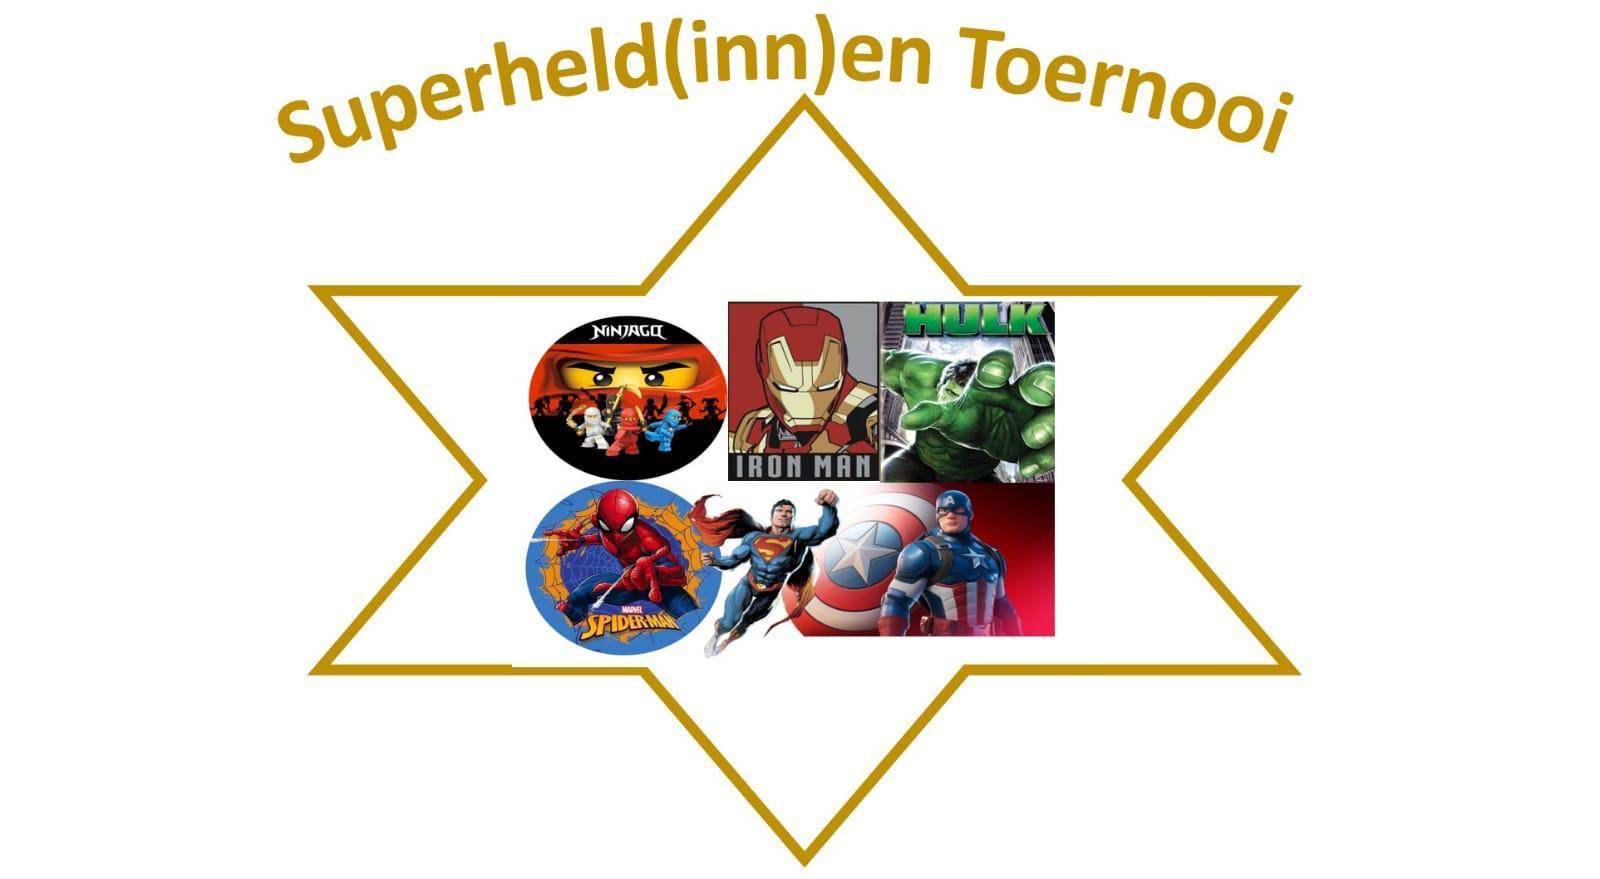 Superheld(inn)en Toernooi